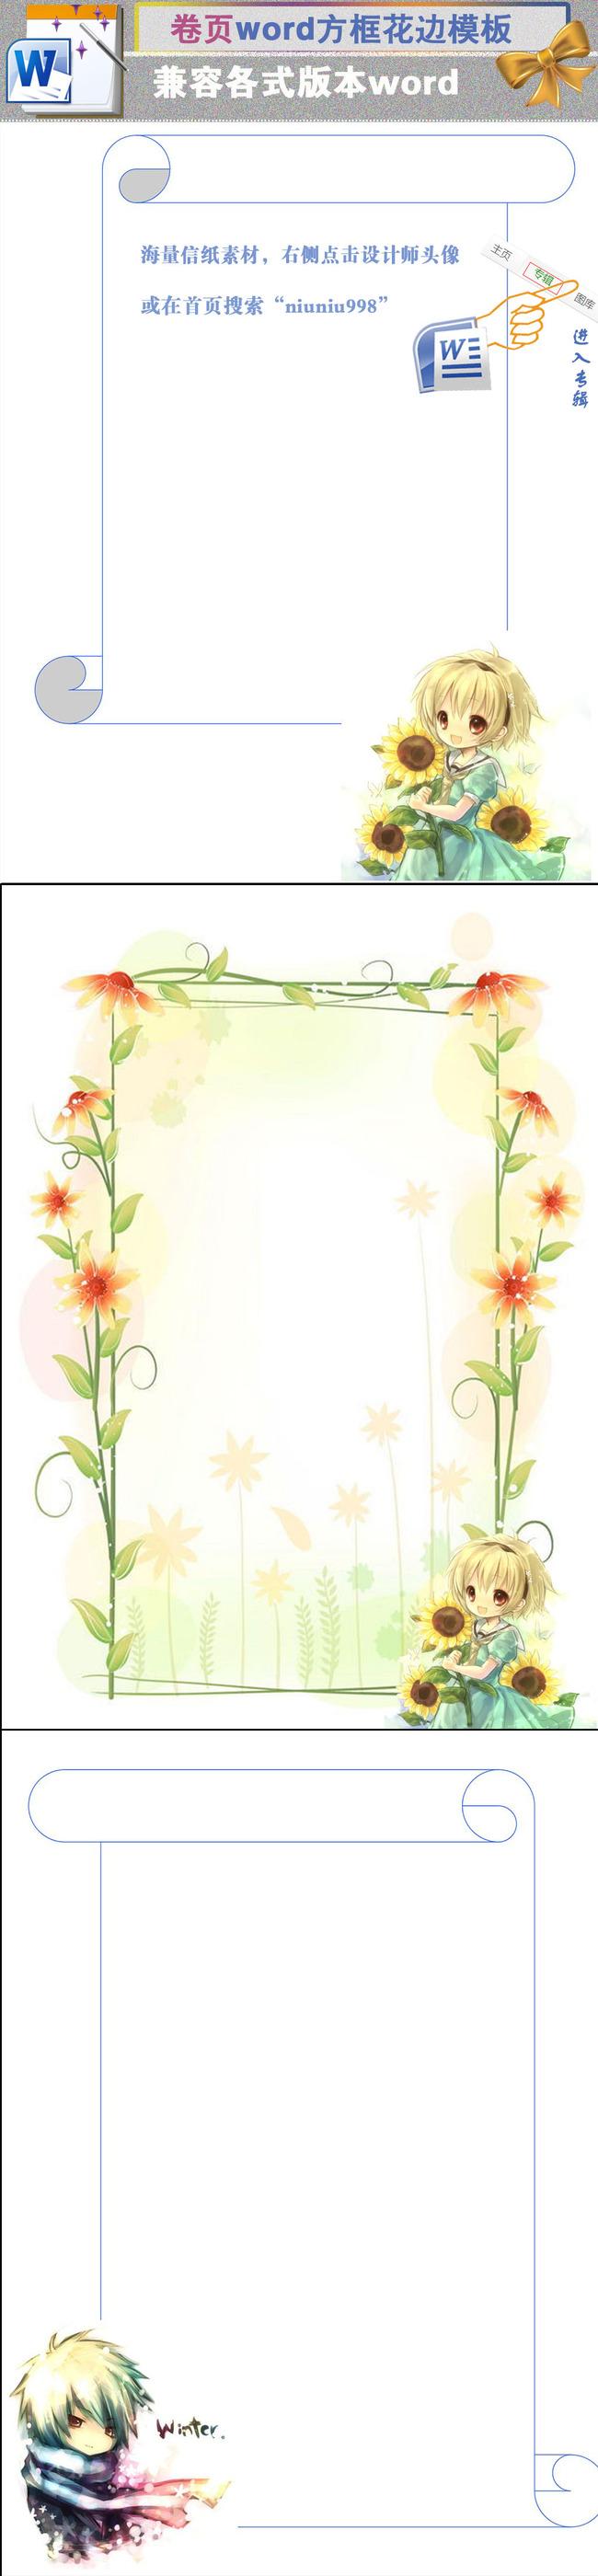 卷页卡通背景word方框花边边框信纸模板图片下载 白色a4纸张卷起 卷页